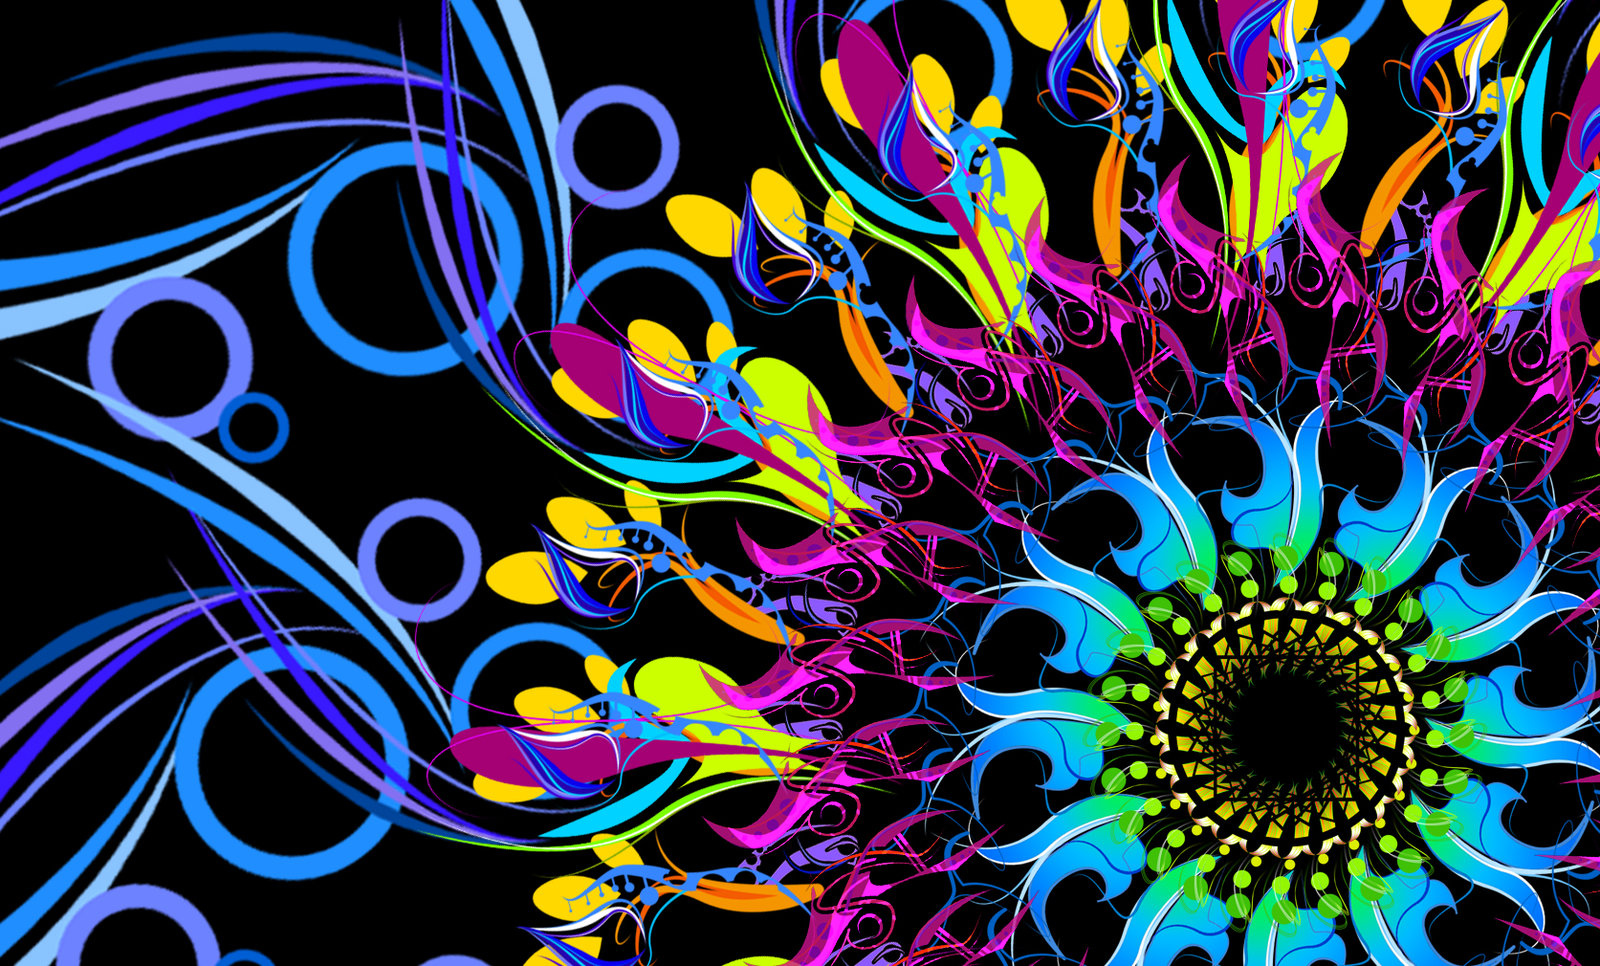 Neon Wallpapers for Desktop Background - WallpaperSafari